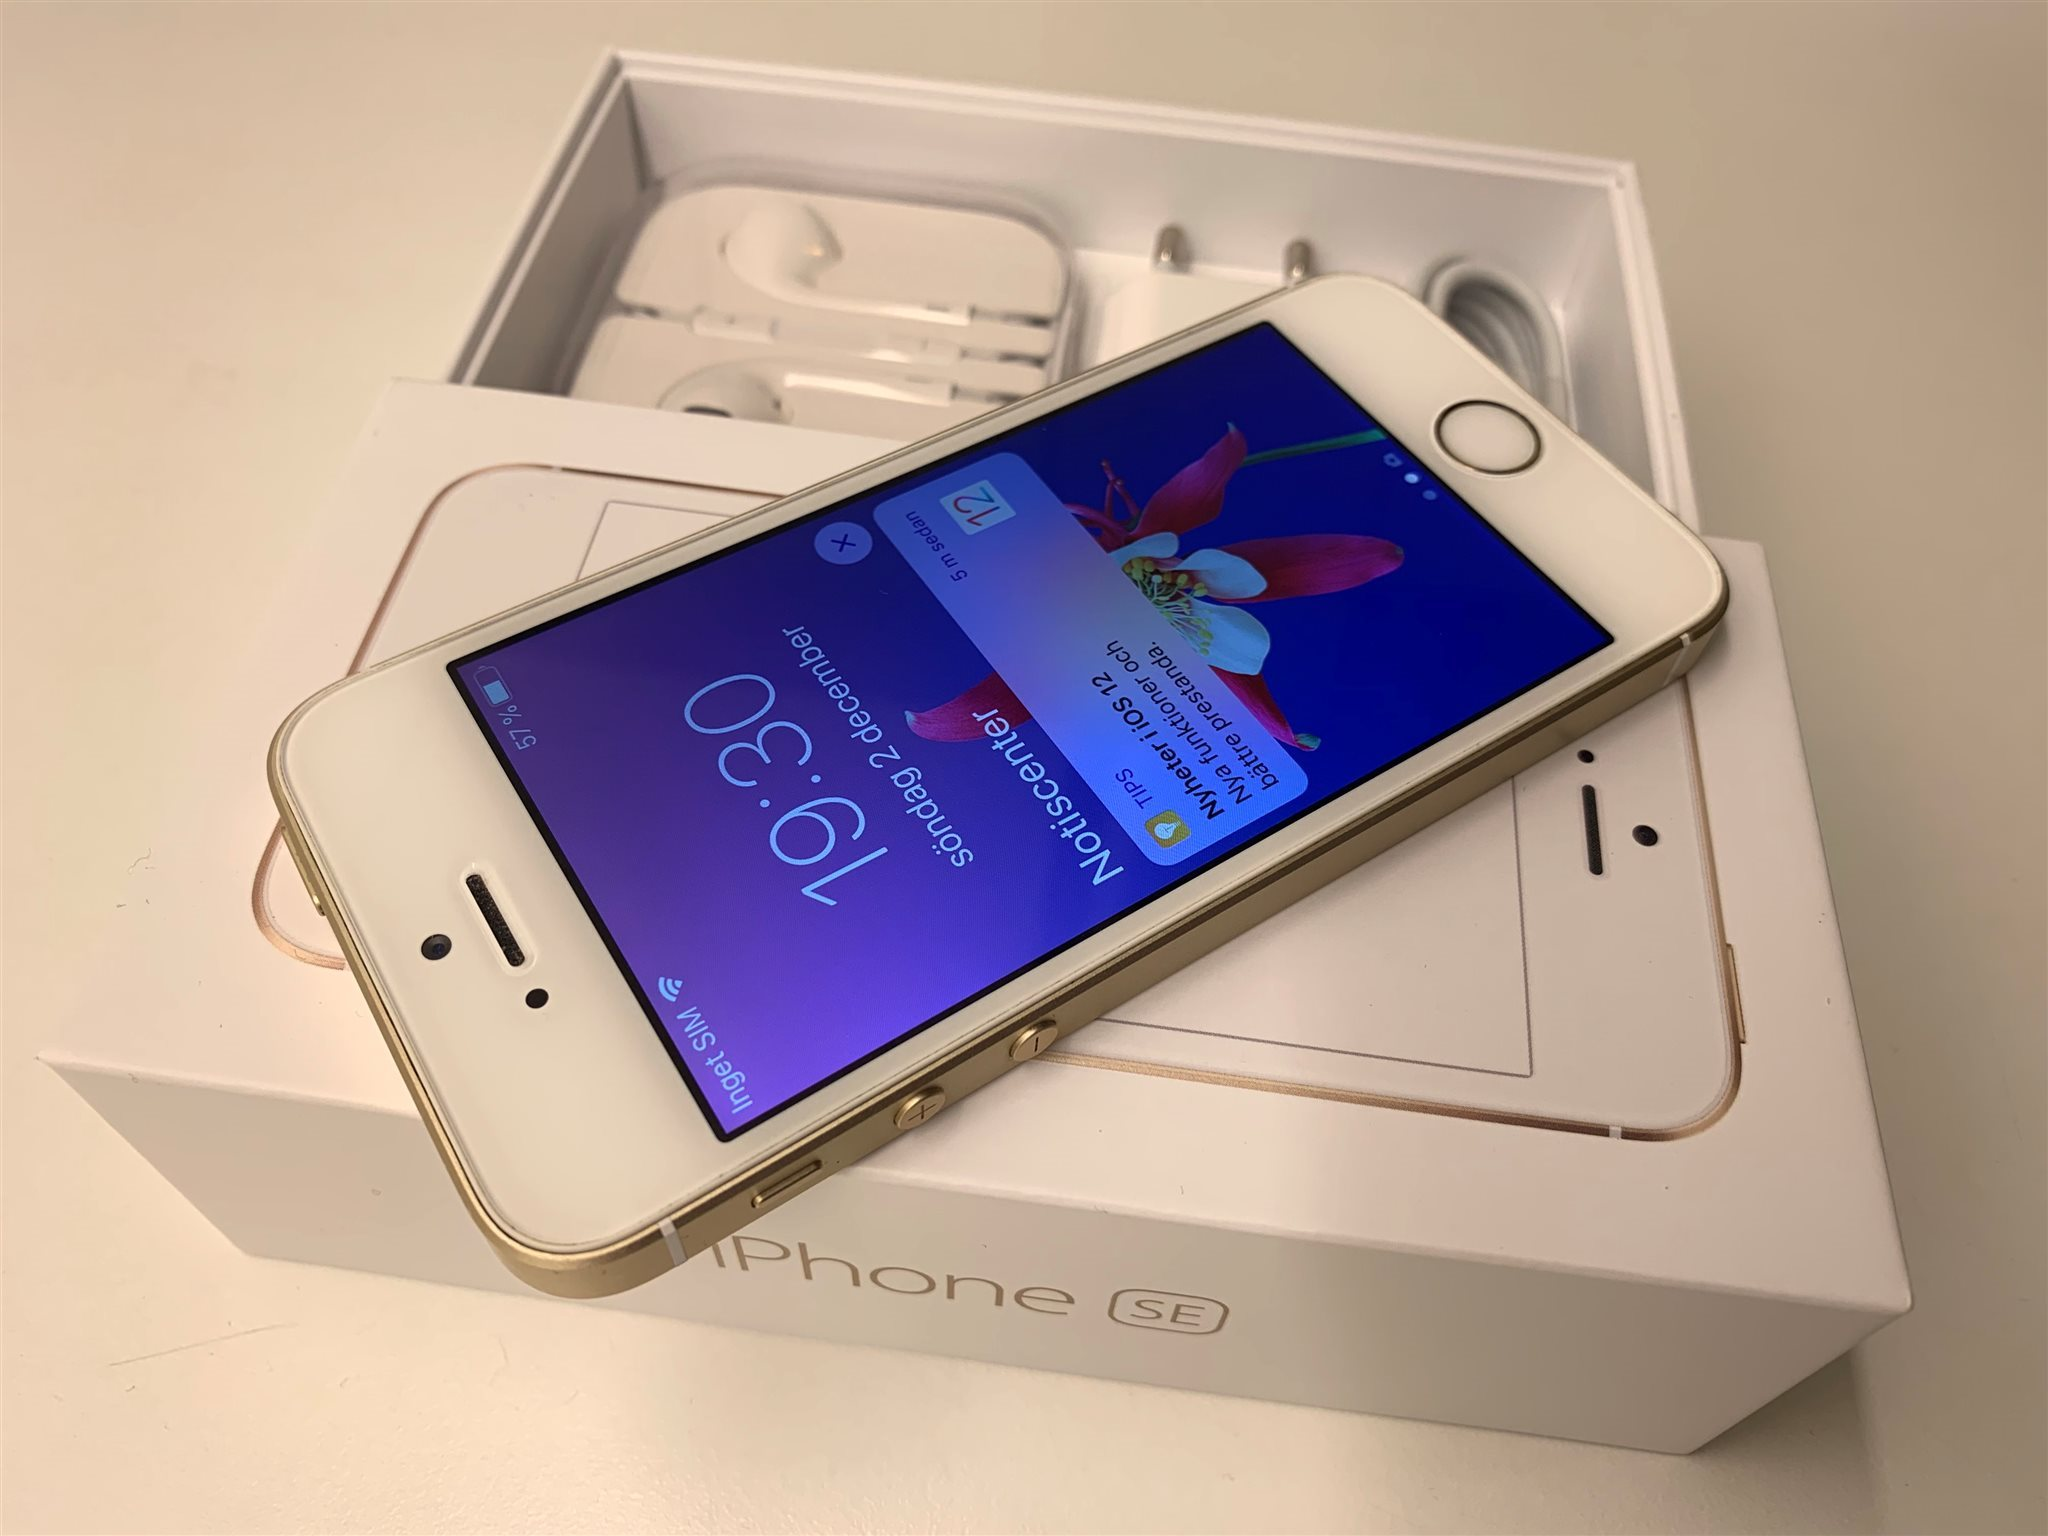 Apple iPhone SE Gold Helt komplett i Originallåda med NYA tillbehör  OLÅST   c2746037174ec